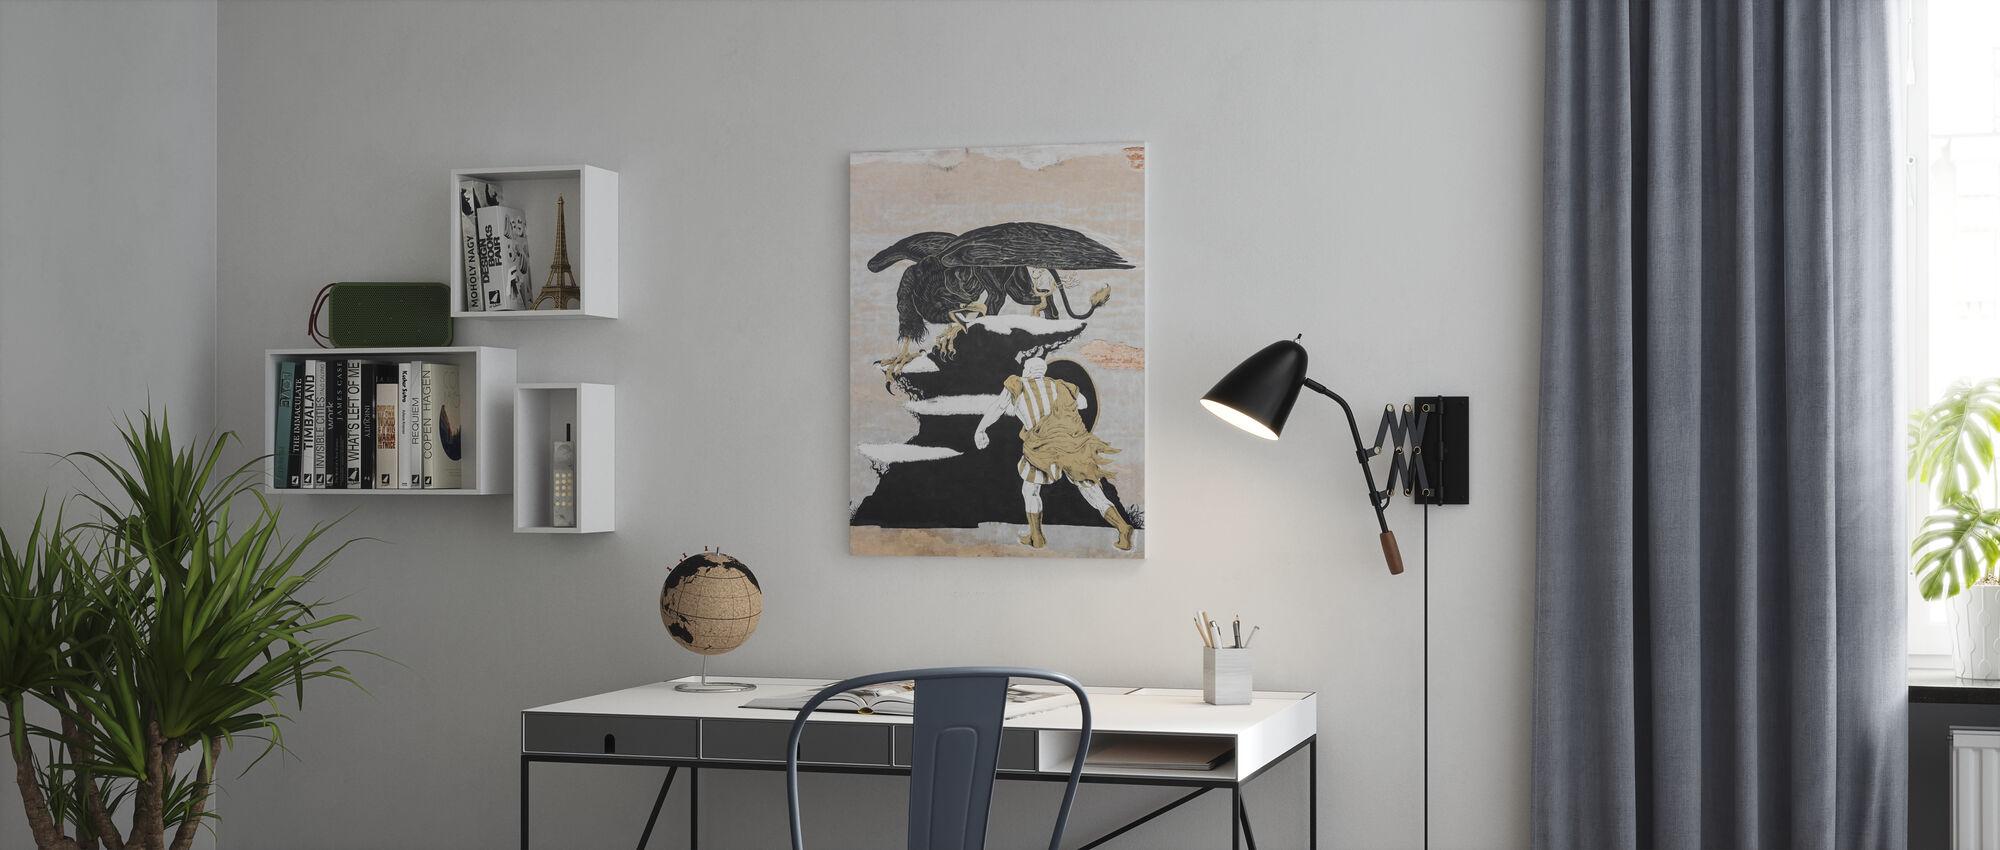 Gatukonst målning - Canvastavla - Kontor